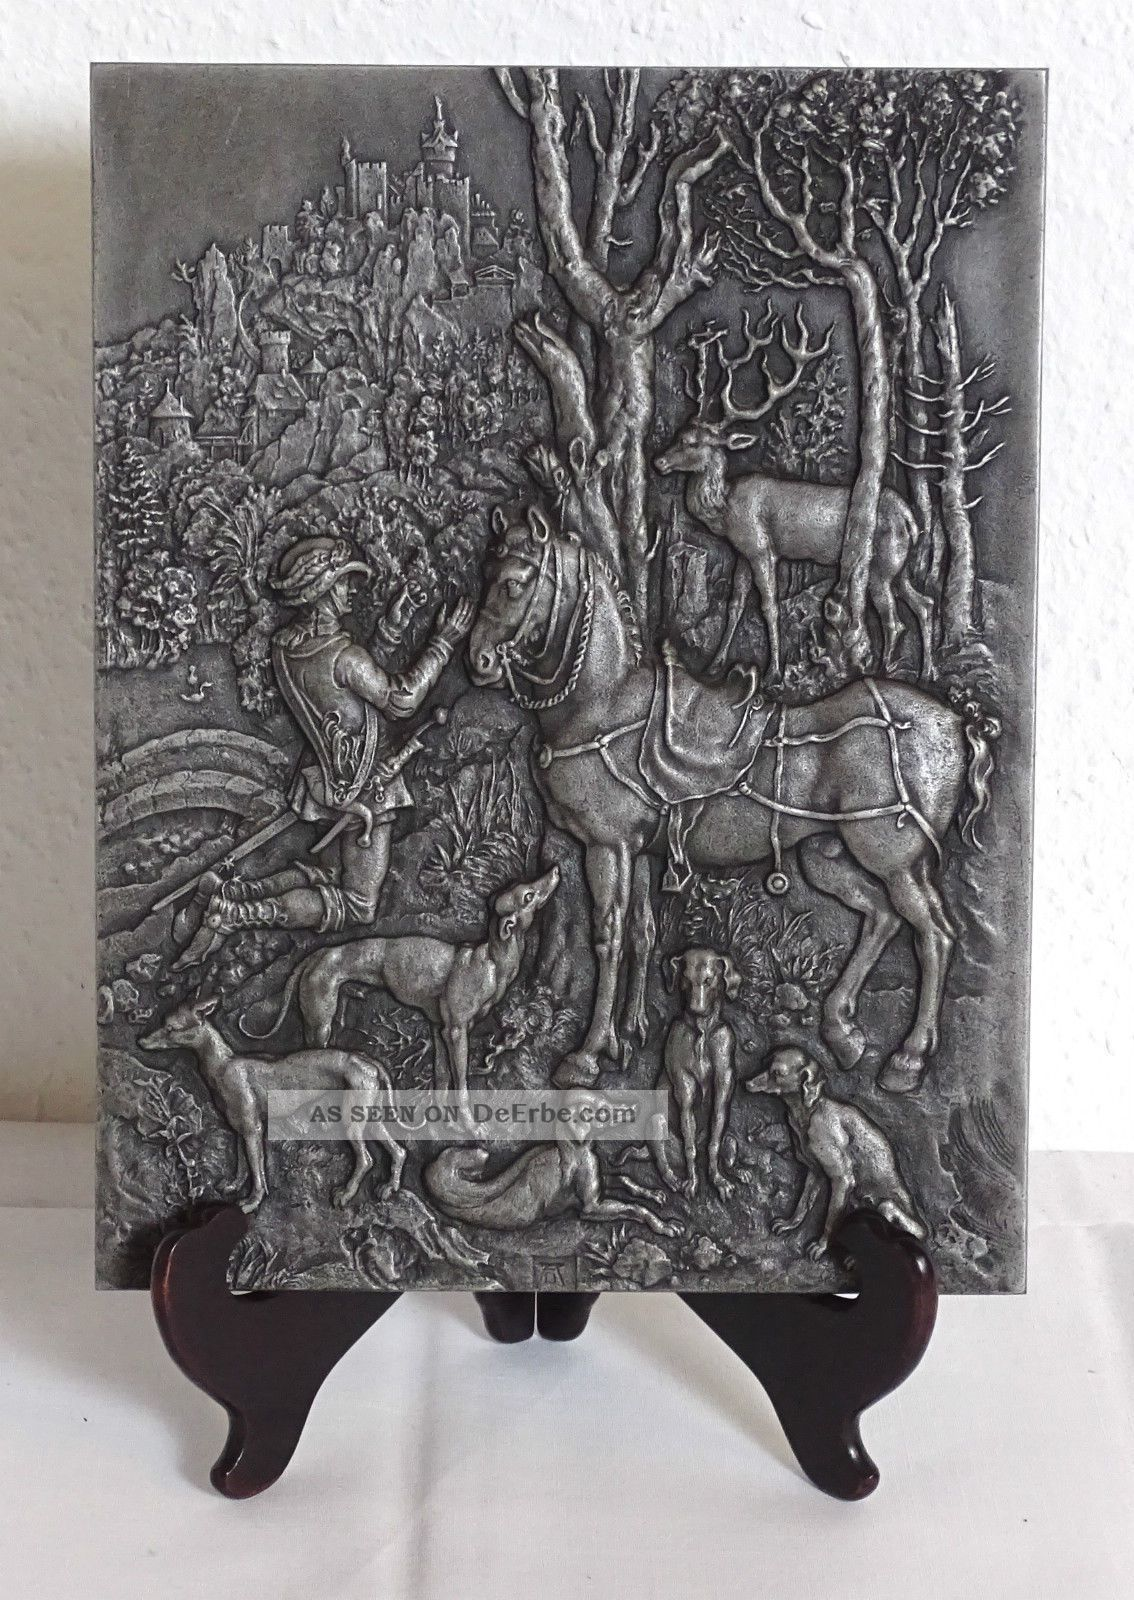 Eisen Relief Heiliger Eustachius Nach Albrecht Dürer Gusseisen Platte Wandplatte Gefertigt nach 1945 Bild